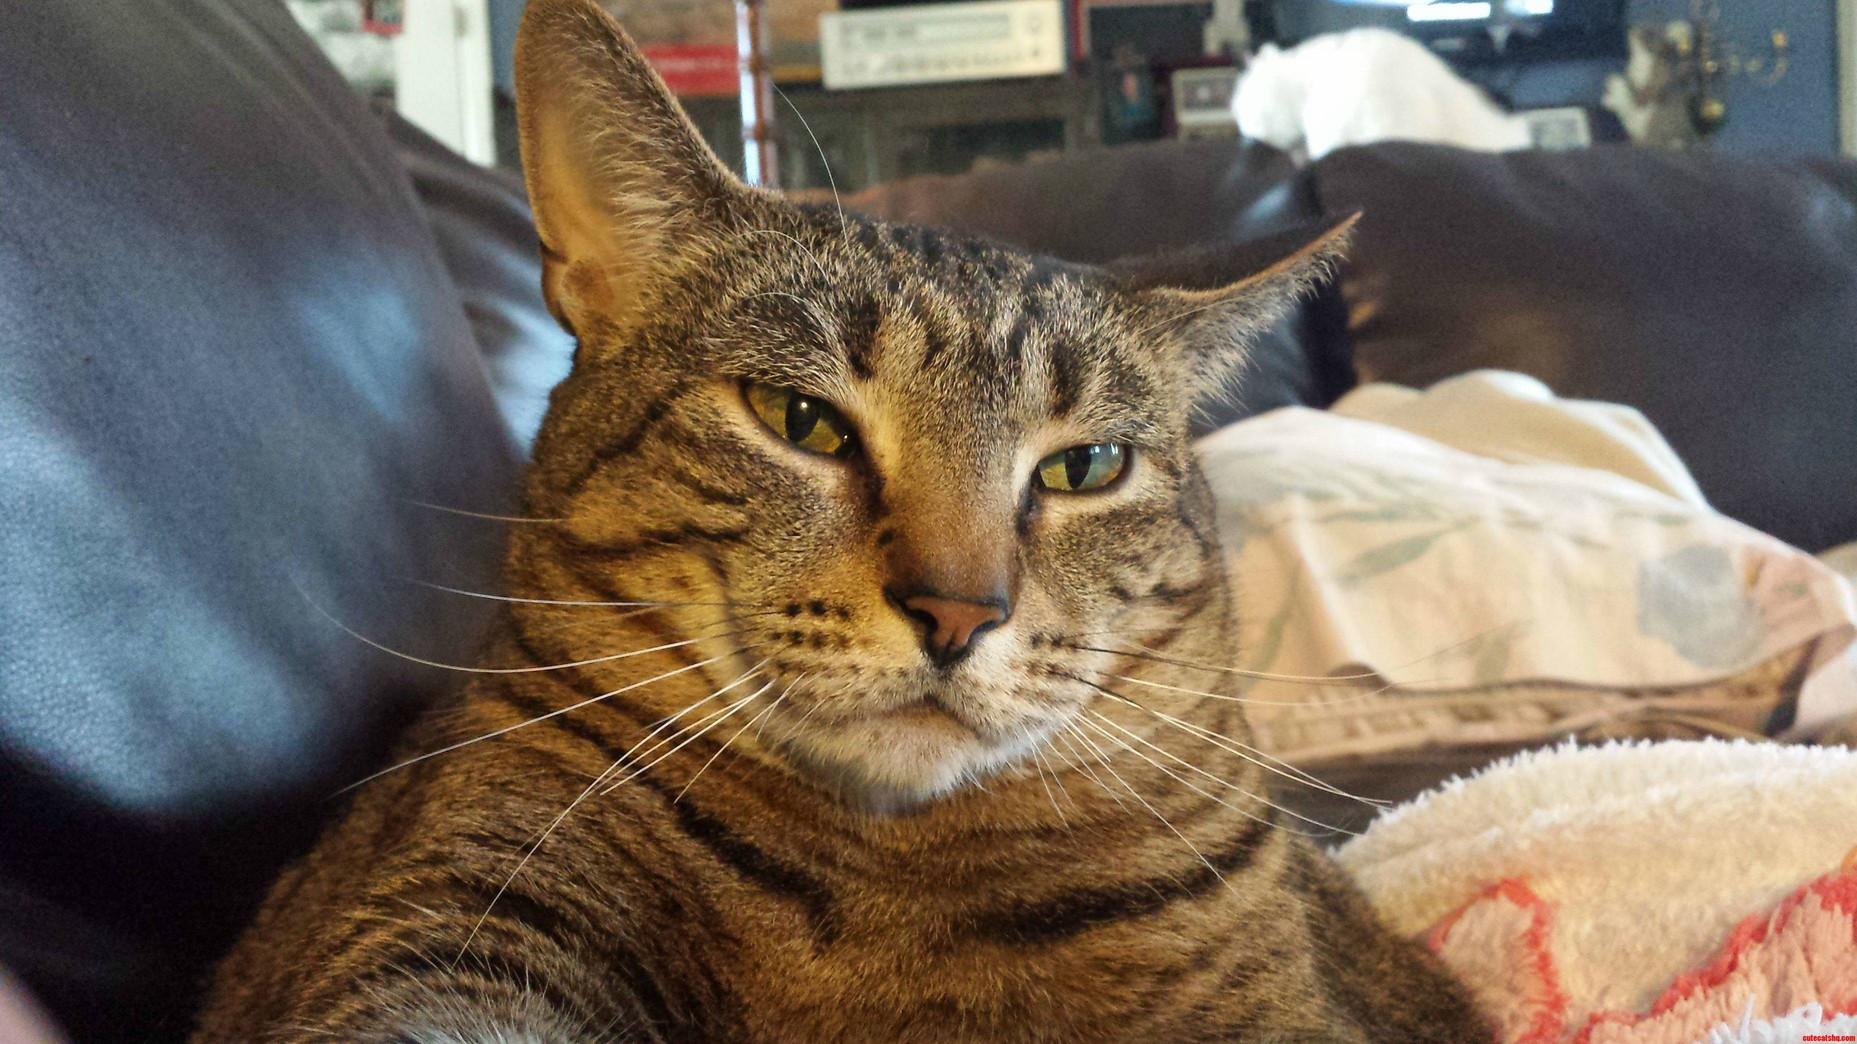 Girlfriends Fat Cat. Uber Relaxed.